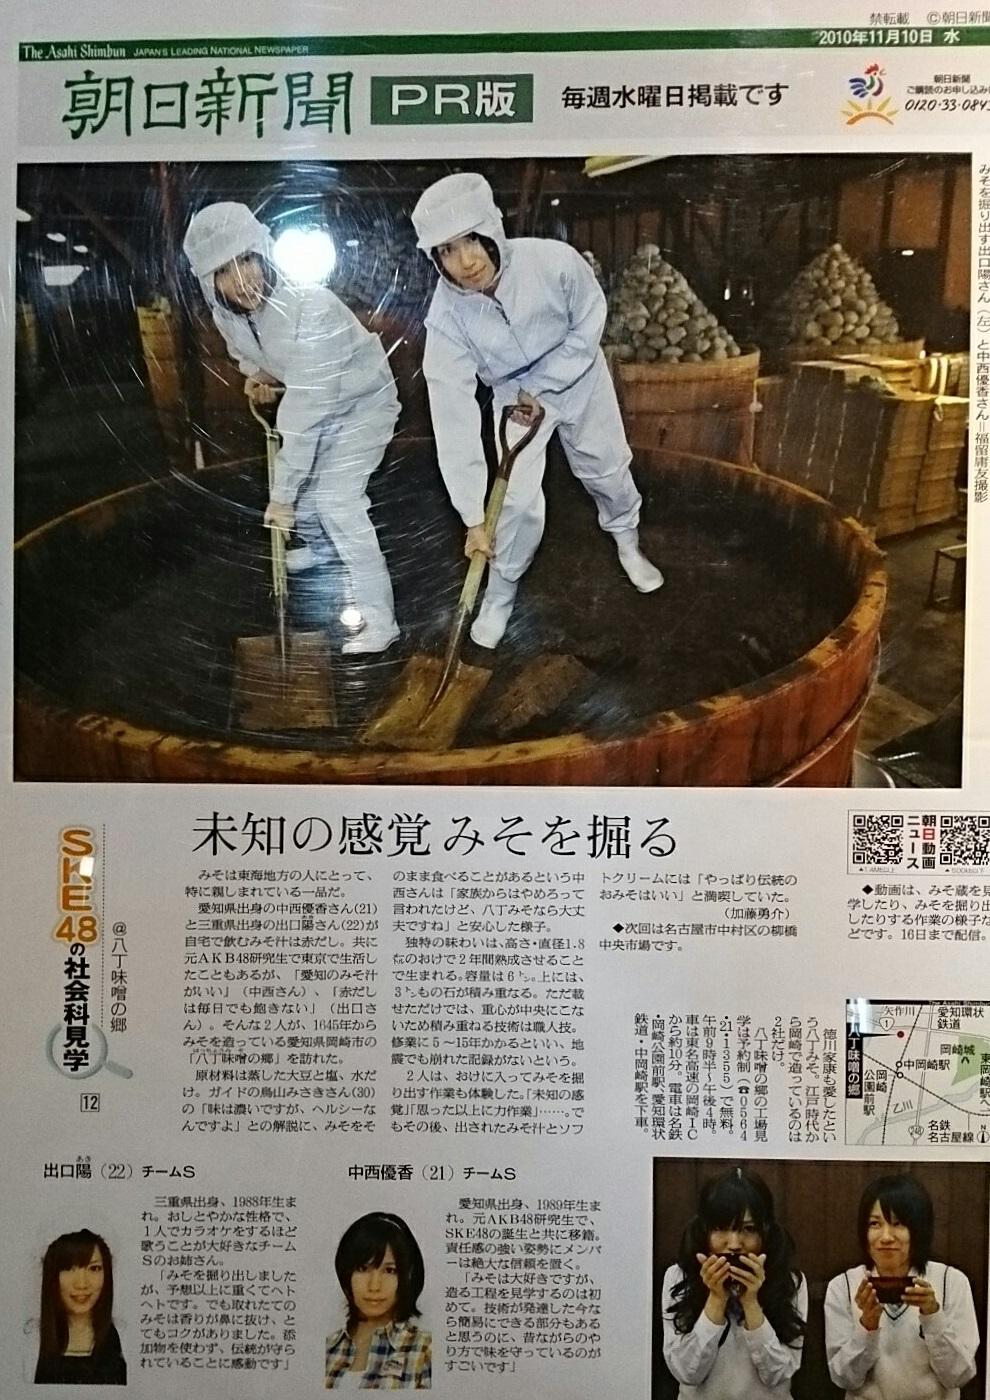 2018.3.25 カクキュー (12) SKE48の工場見学 990-1400